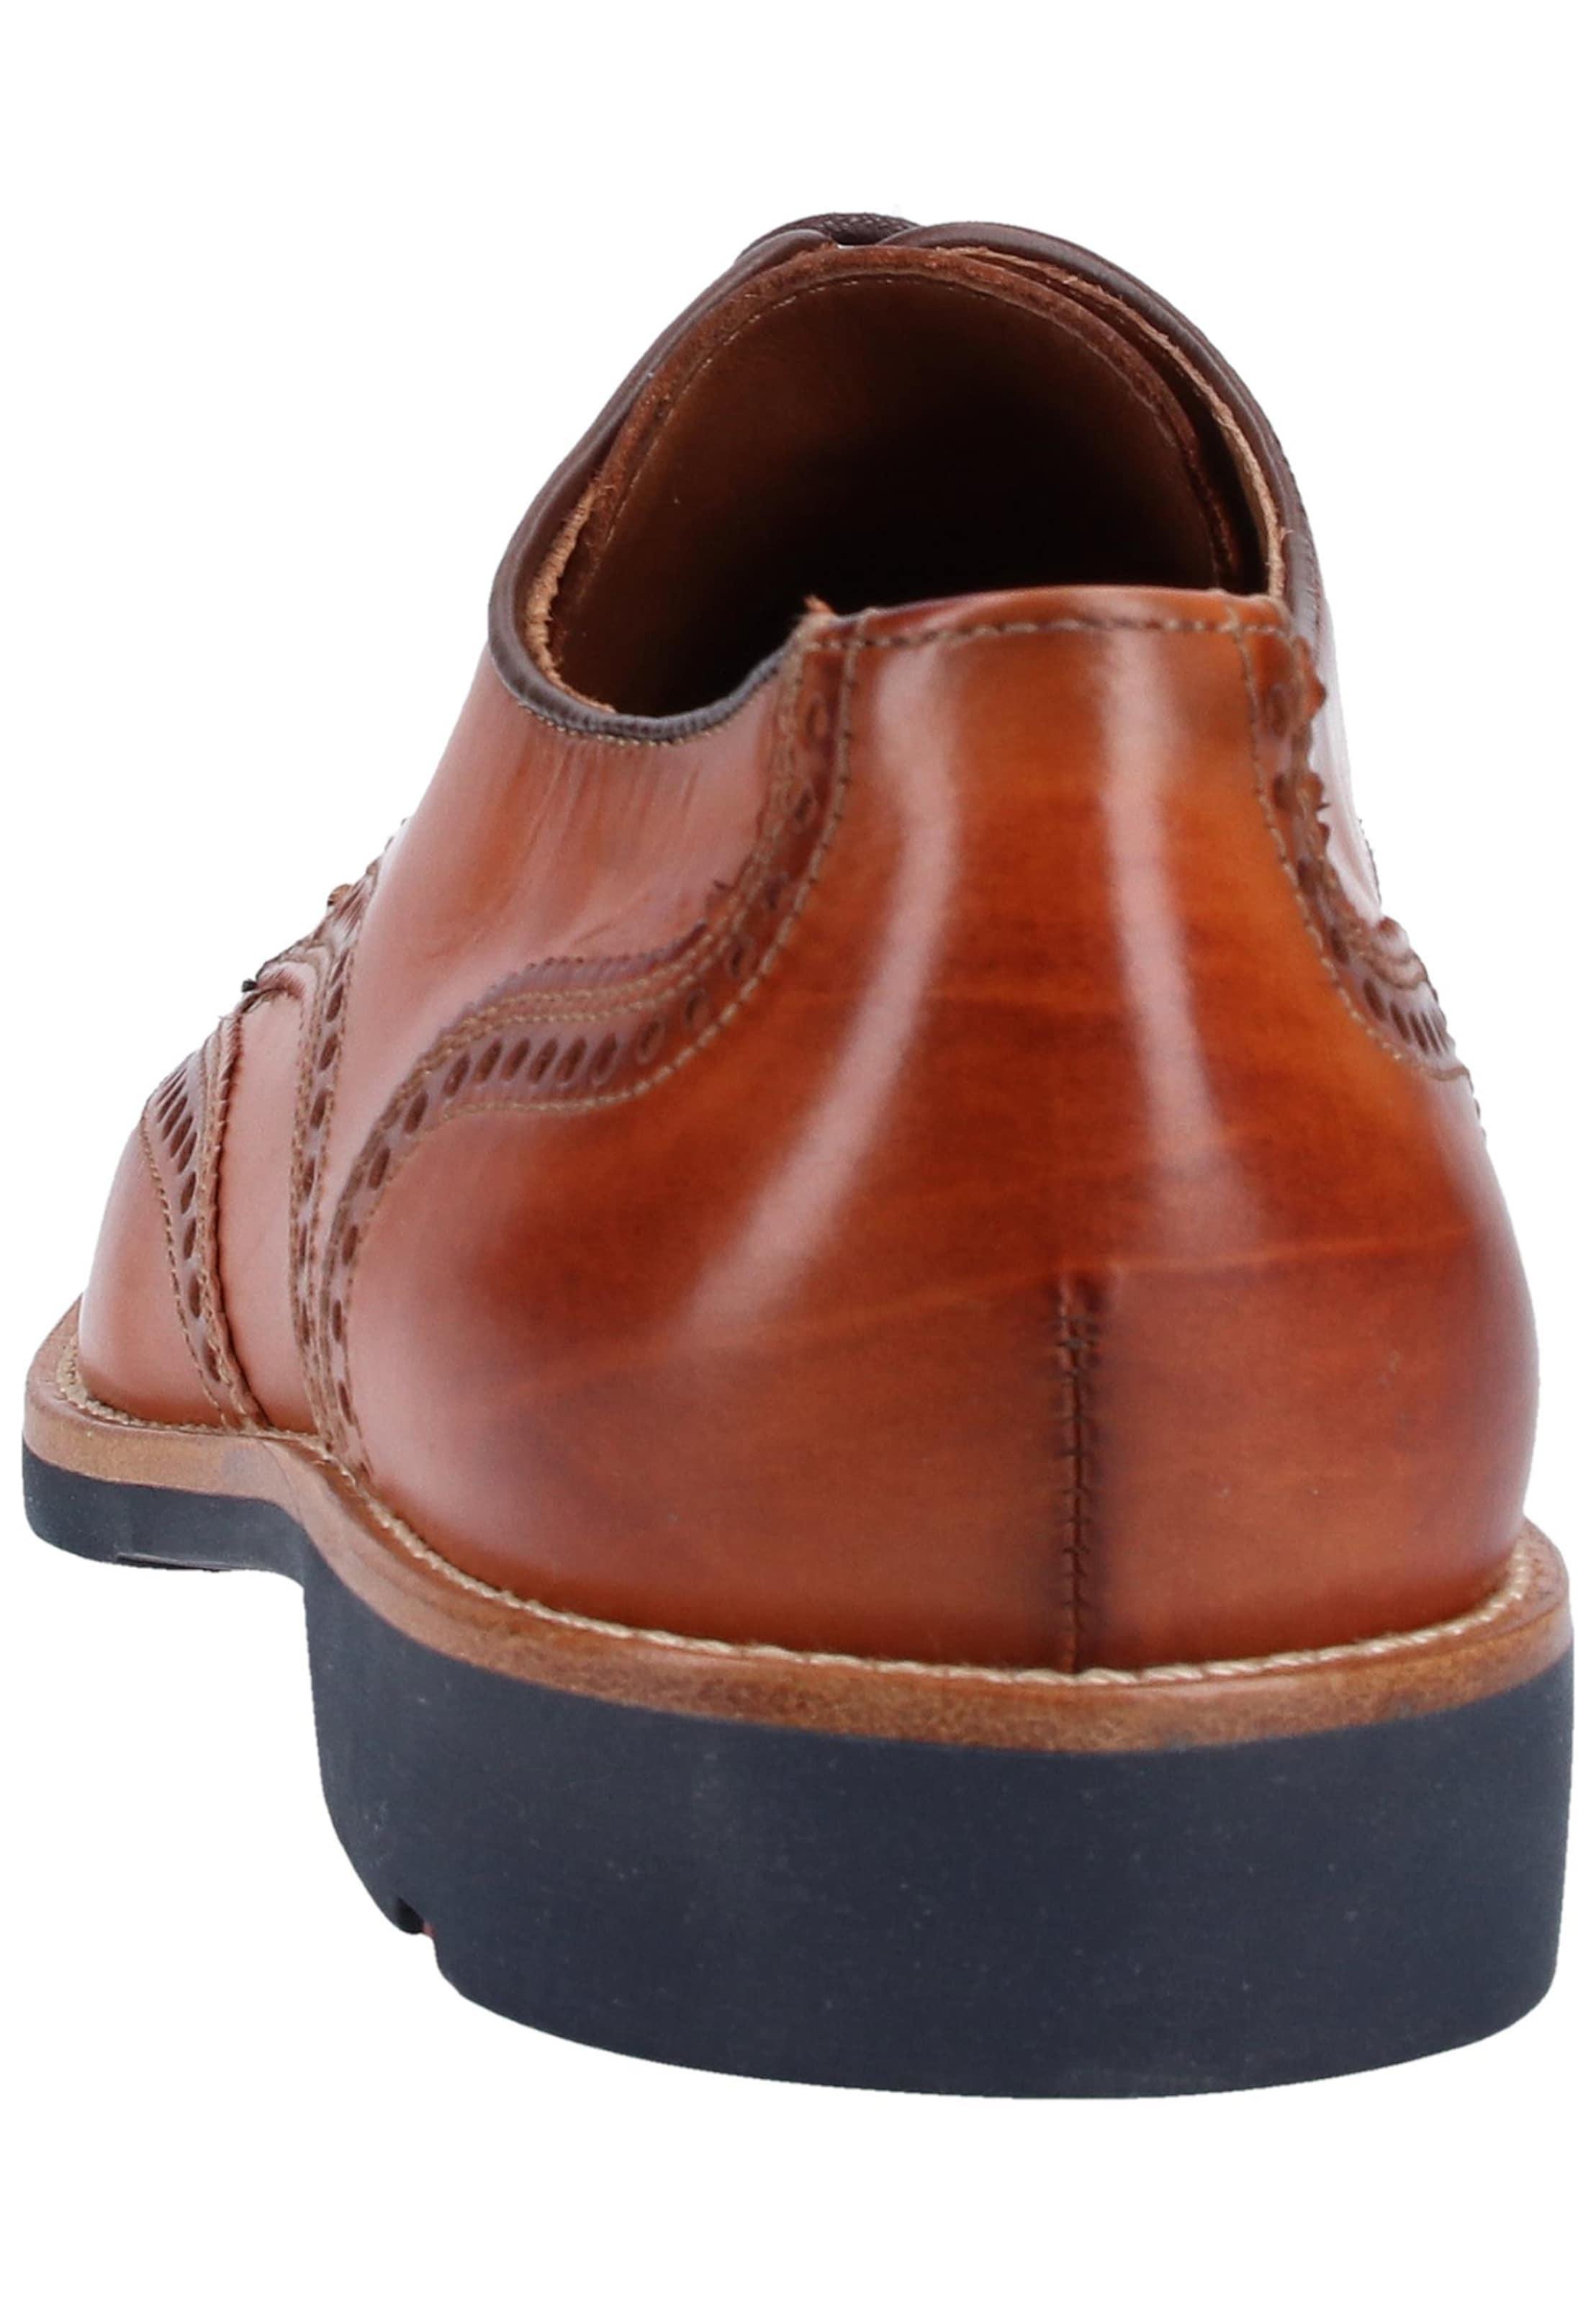 Lloyd À Lacets Chaussure Cognac En qAR3jL54